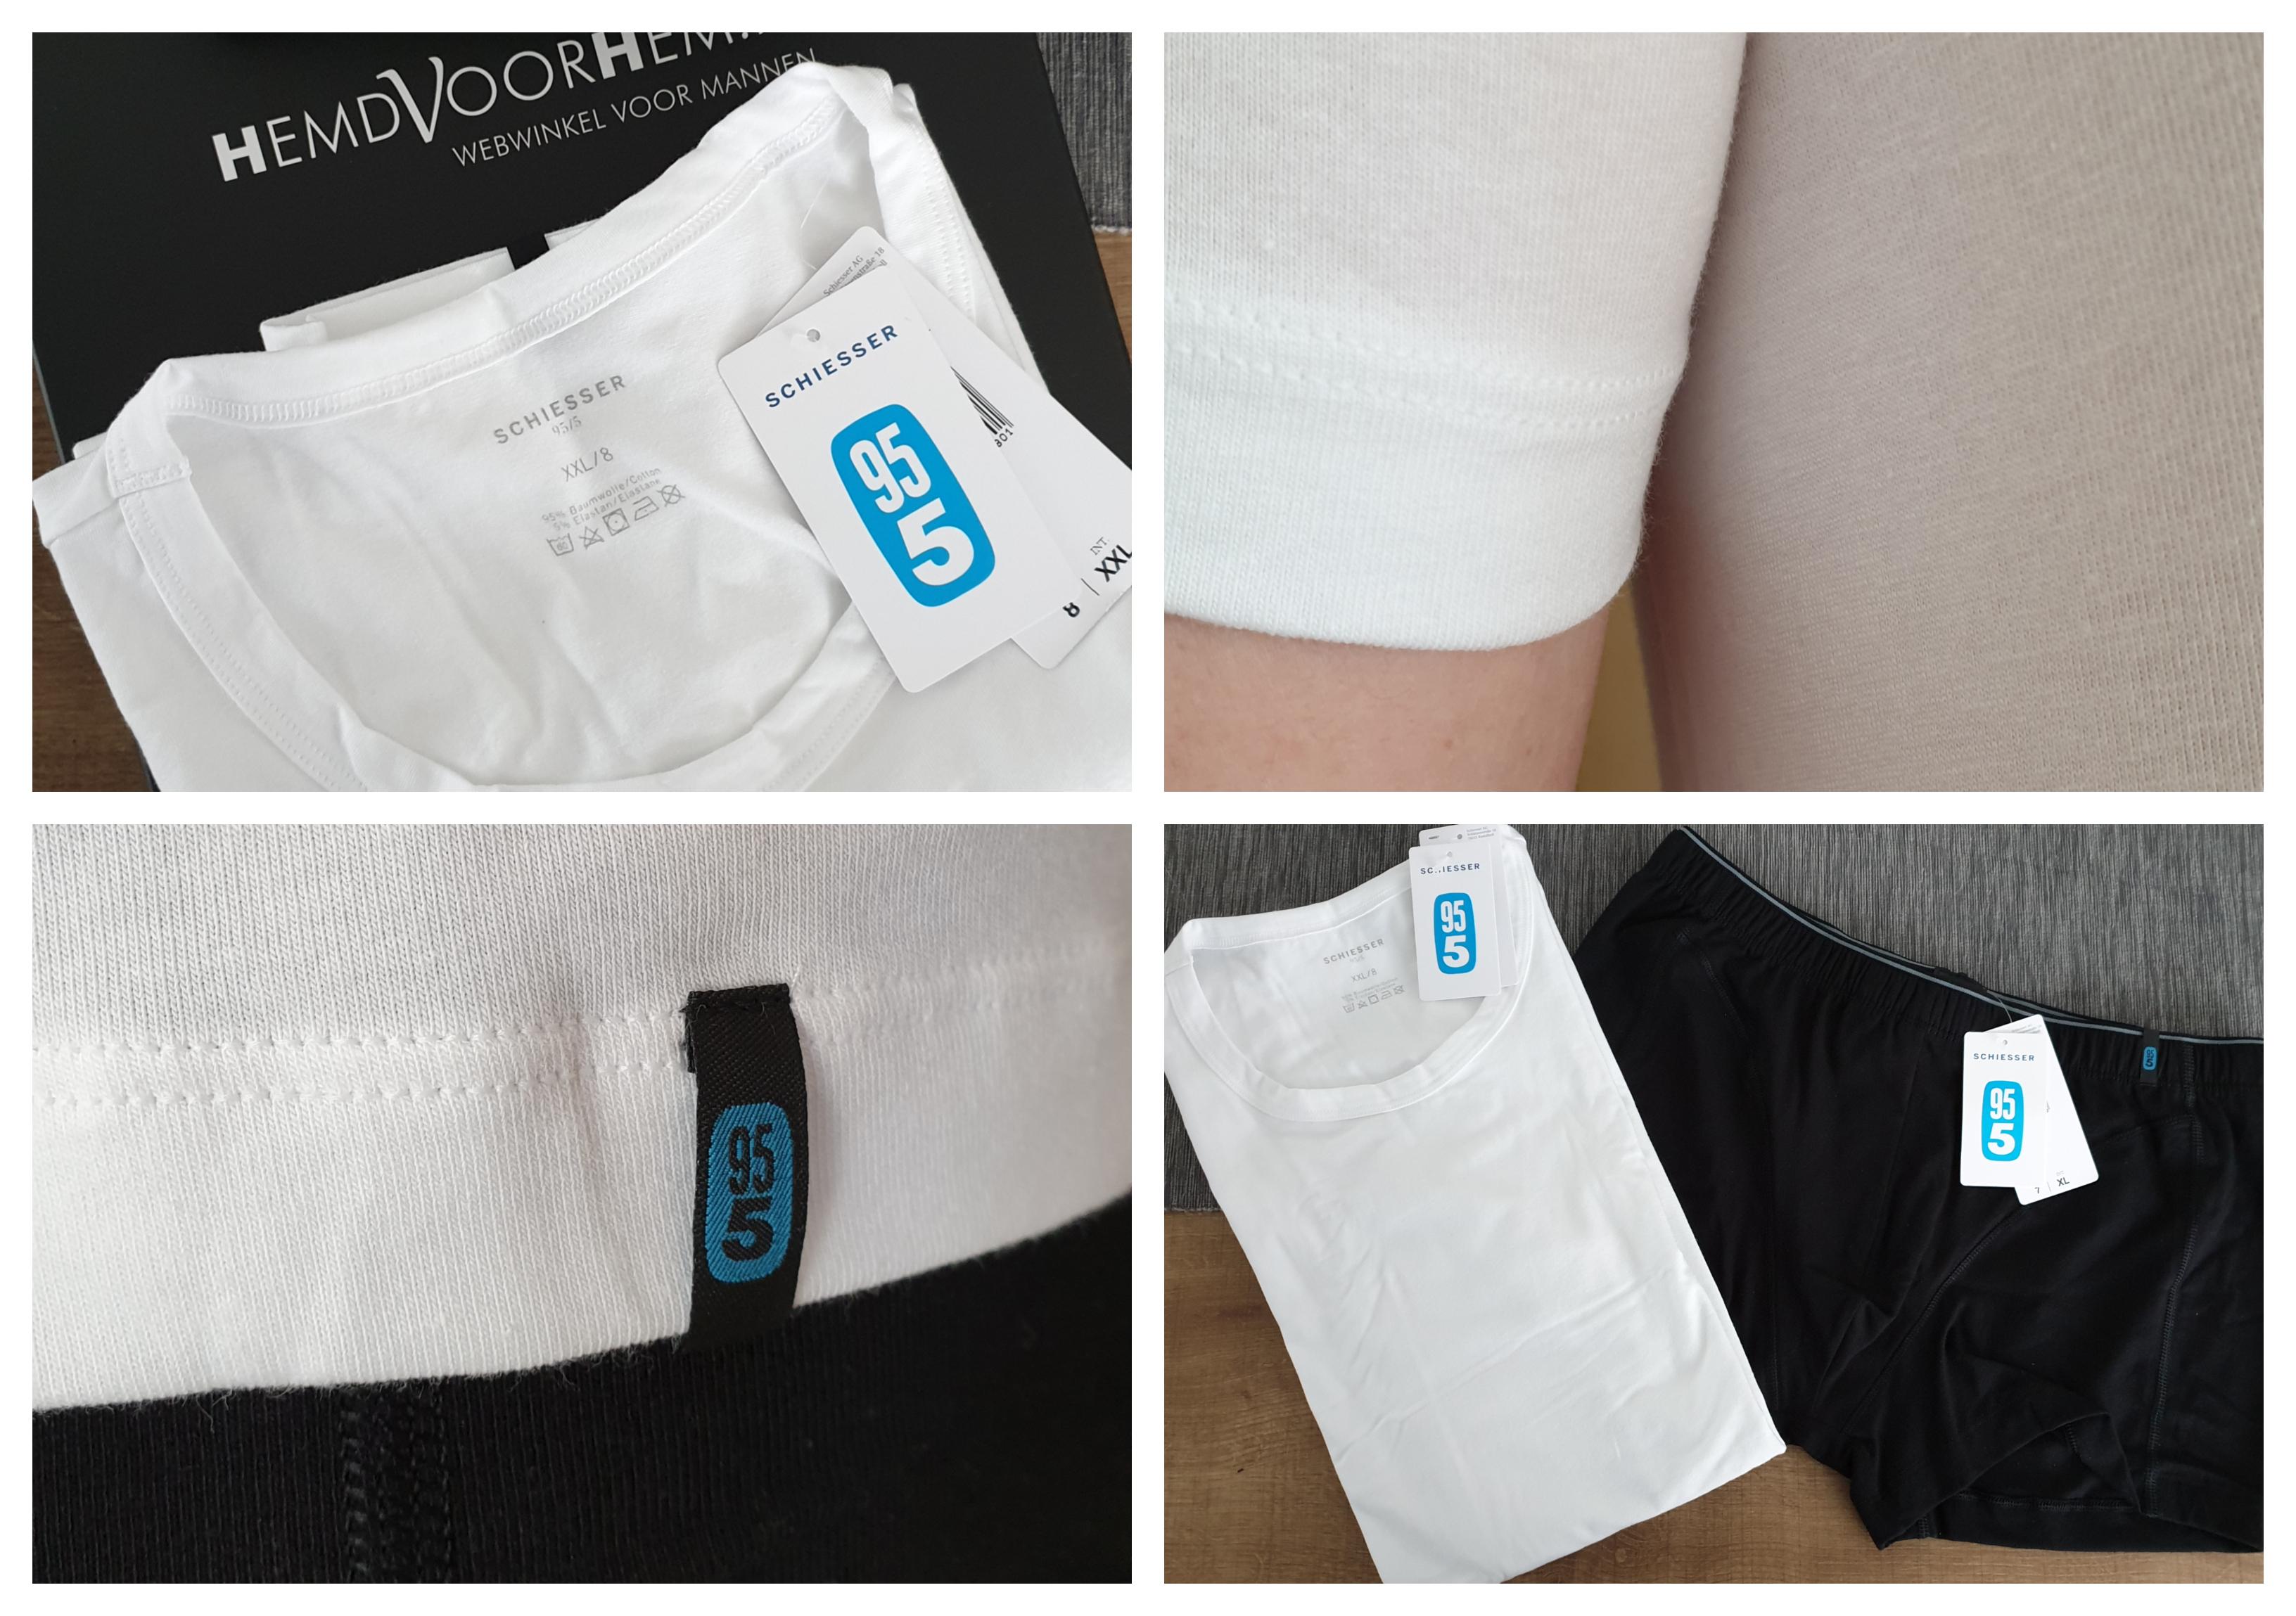 De 95/5 lijn van Schiesser - ondergoed voor mannen